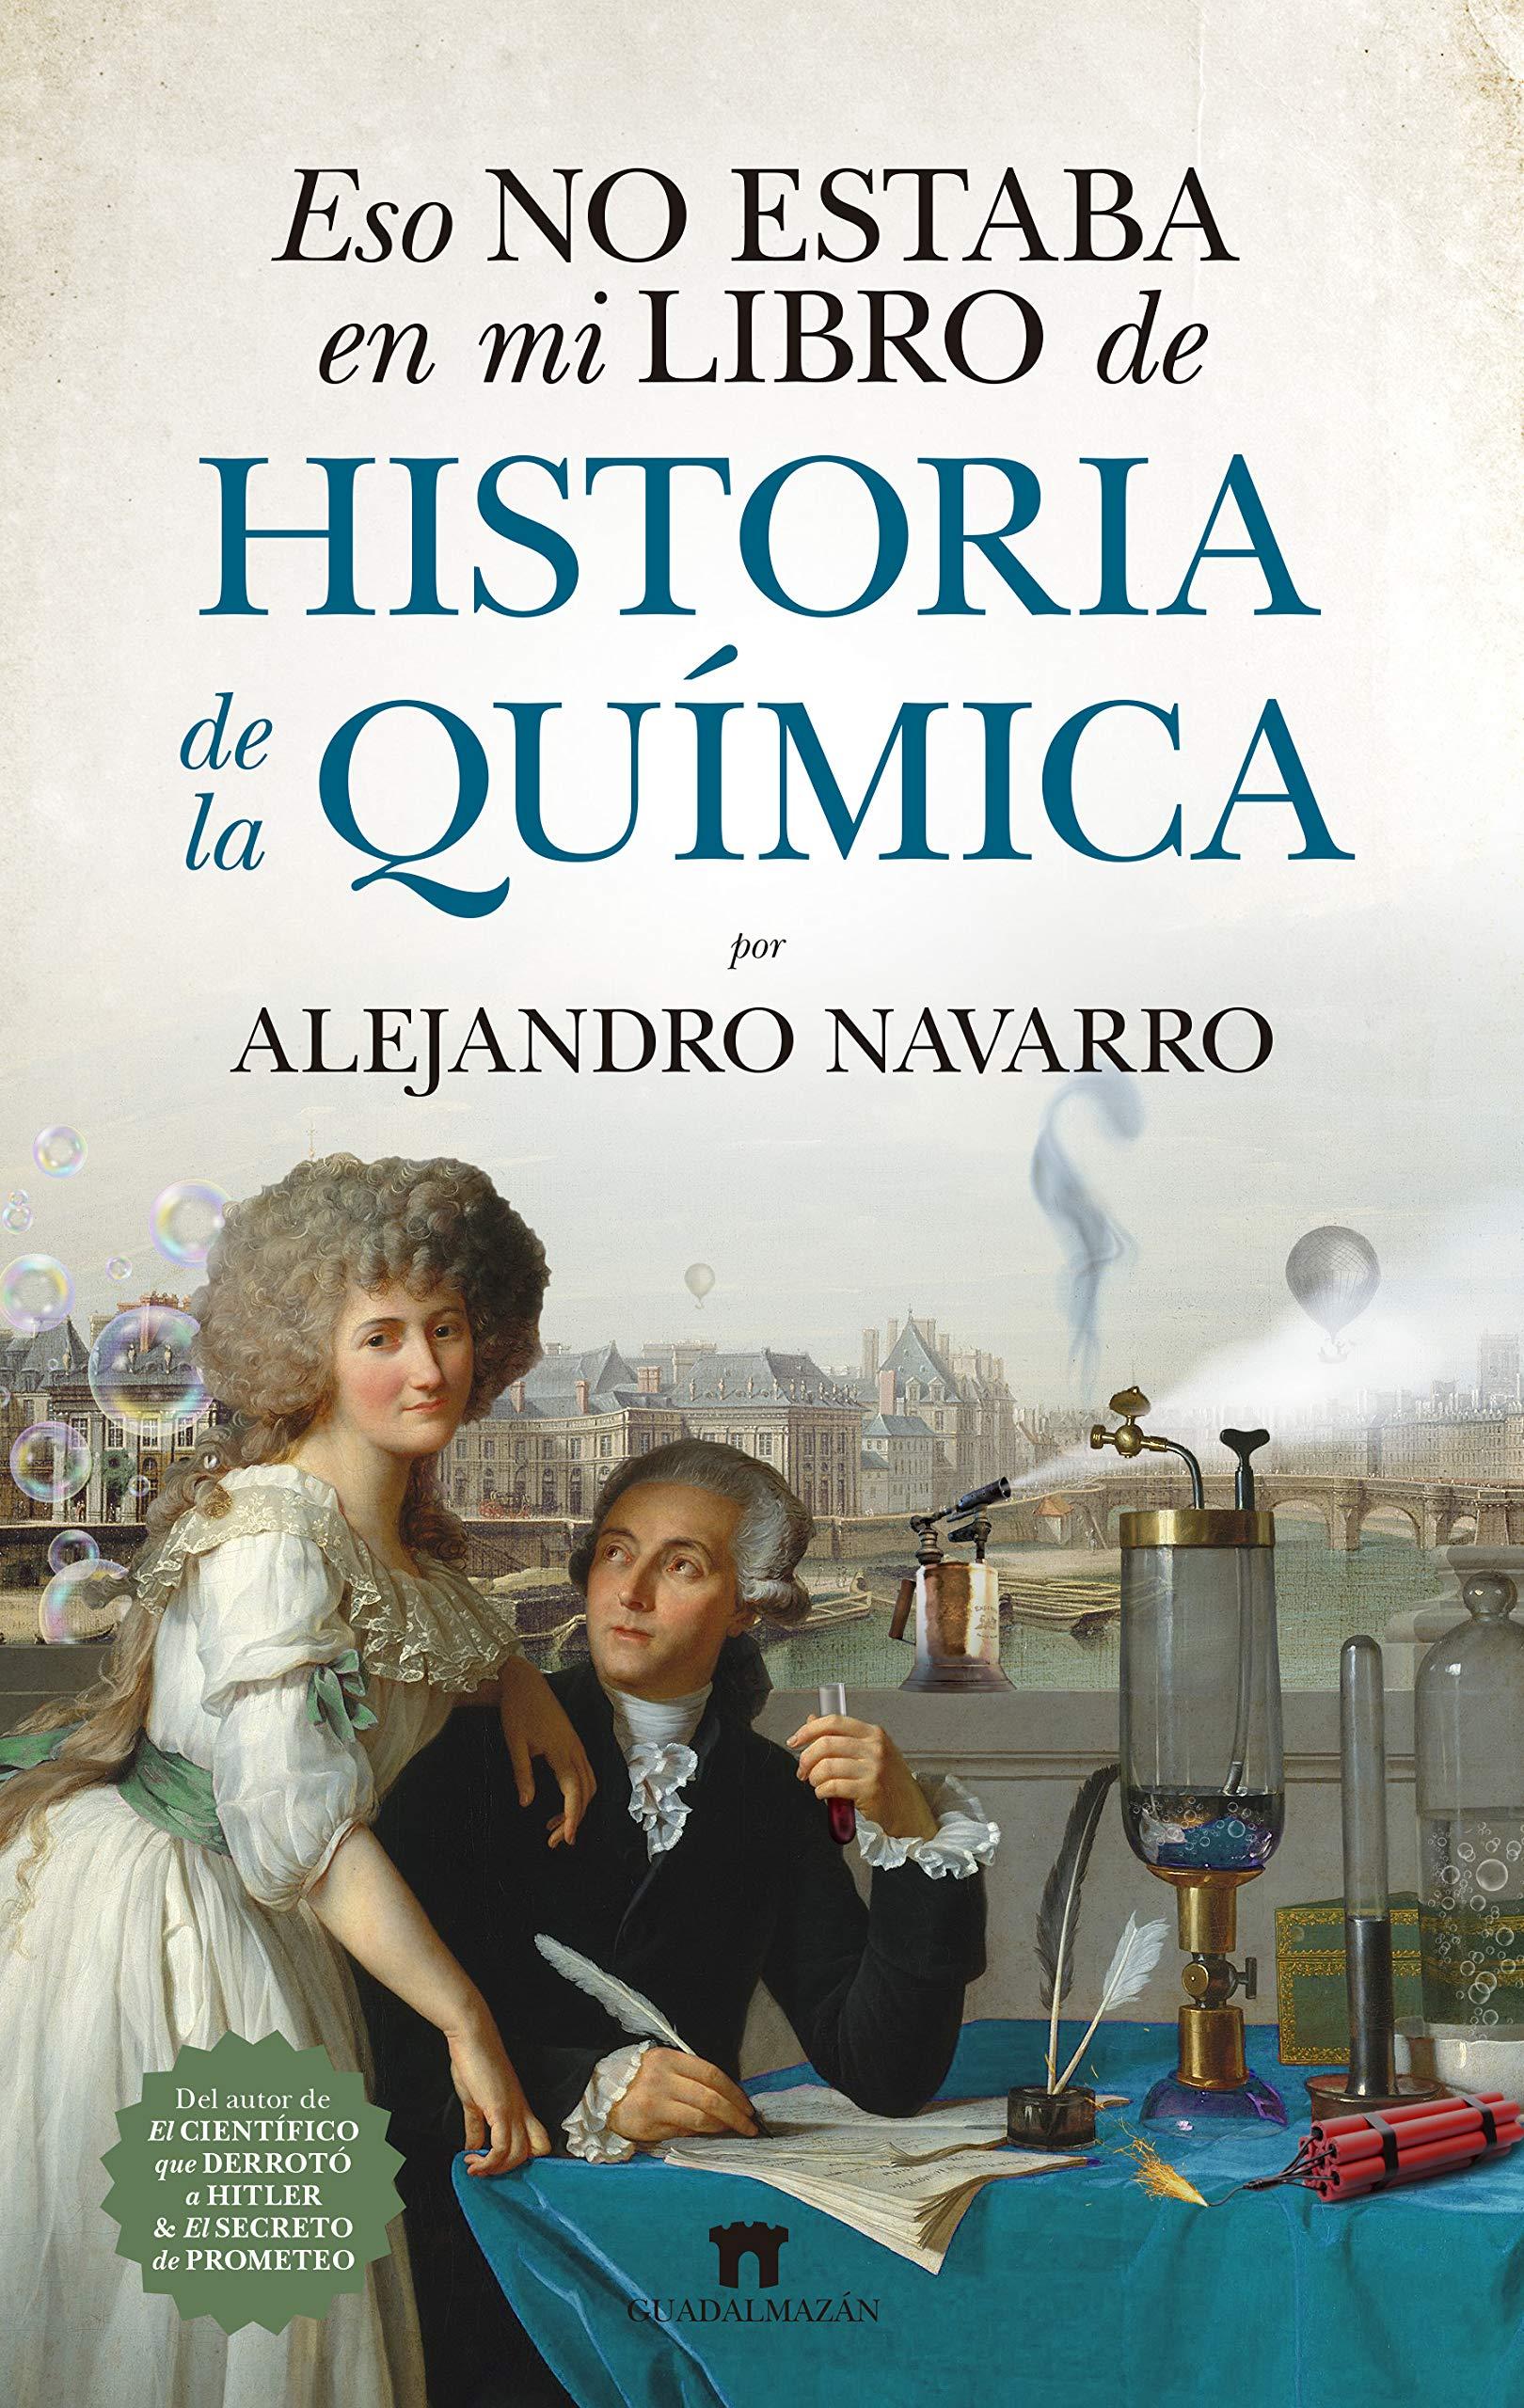 Eso no estaba en mi libro de historia de la Química (Divulgación Científica) por Alejandro Navarro Yáñez